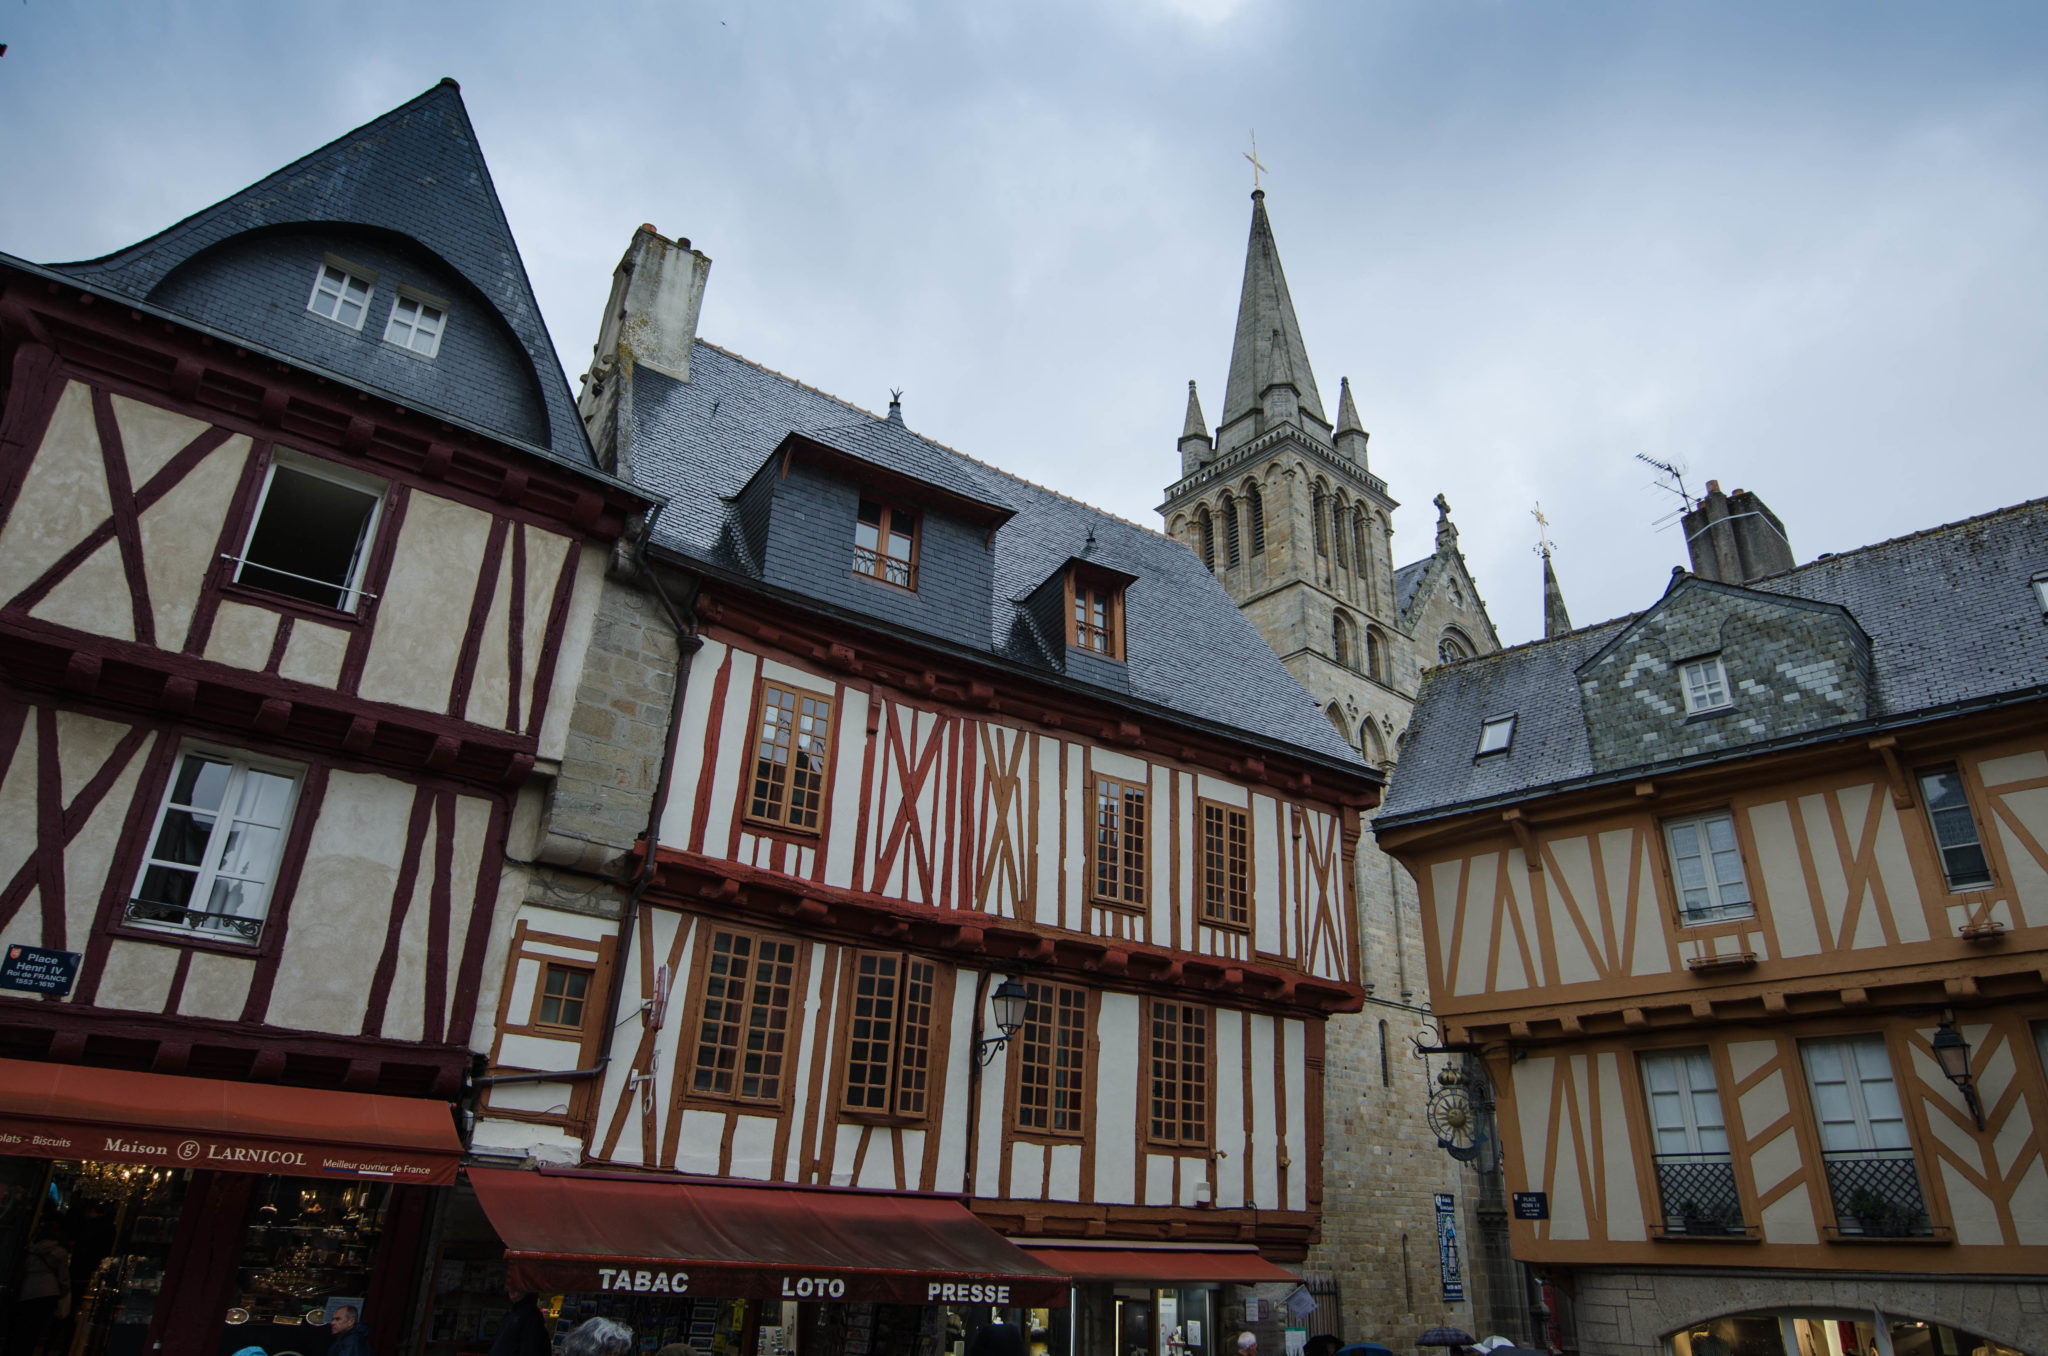 Bretagne Tipps: Die Fachwerkhäuser in Vannes